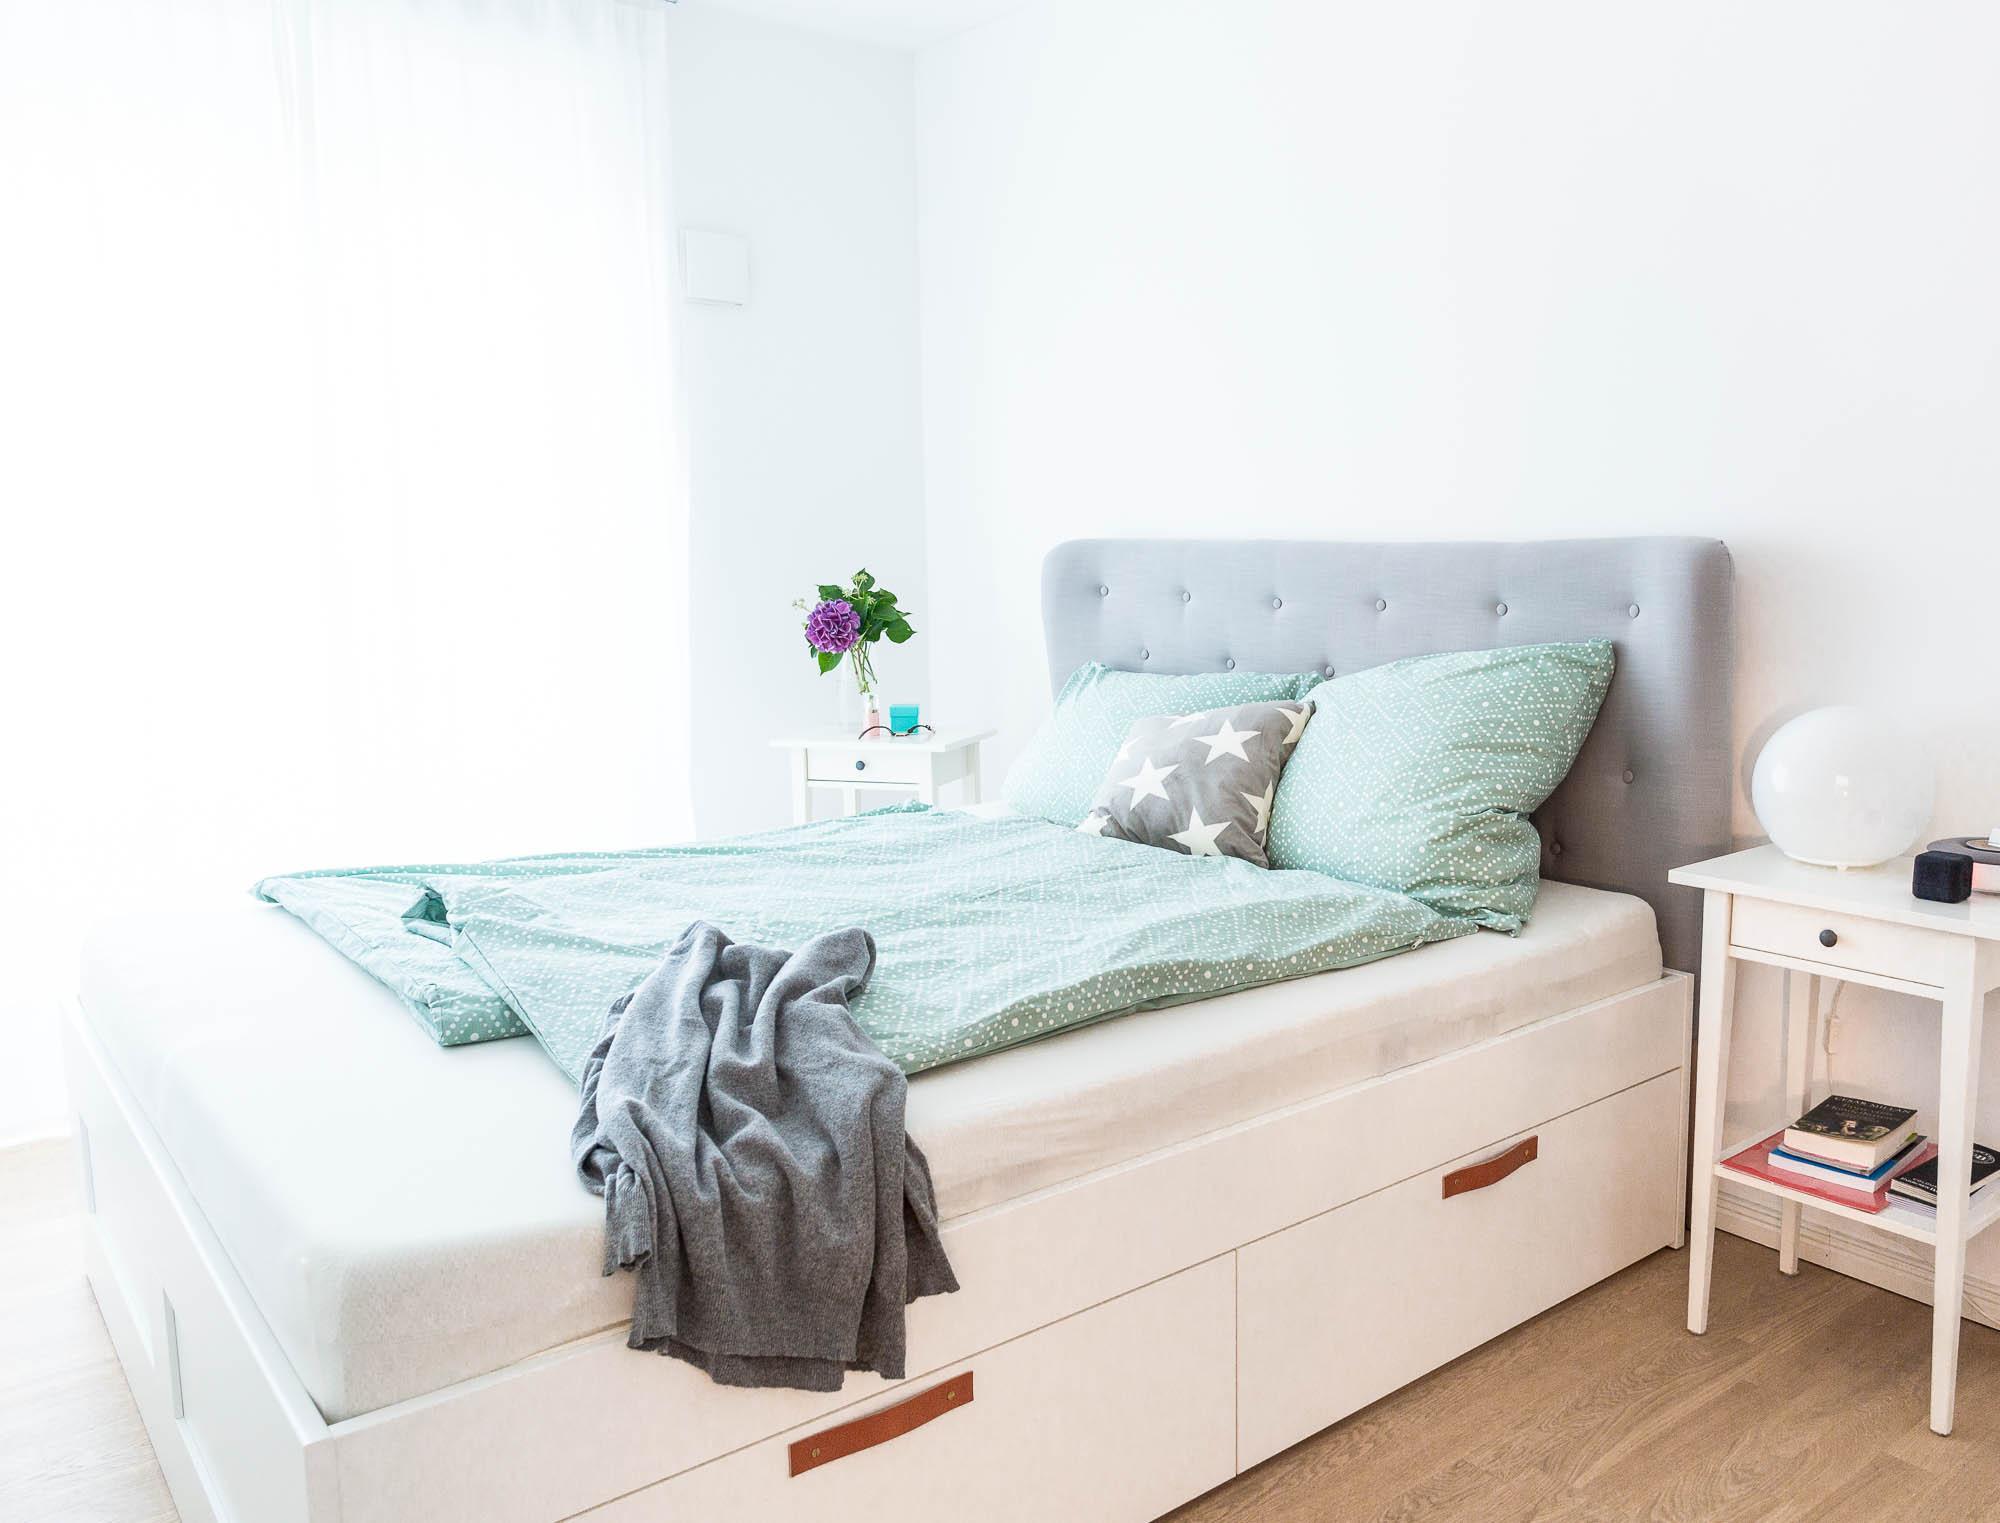 Modernes schlafzimmer design  Modernes Schlafzimmer • Bilder & Ideen • COUCHstyle